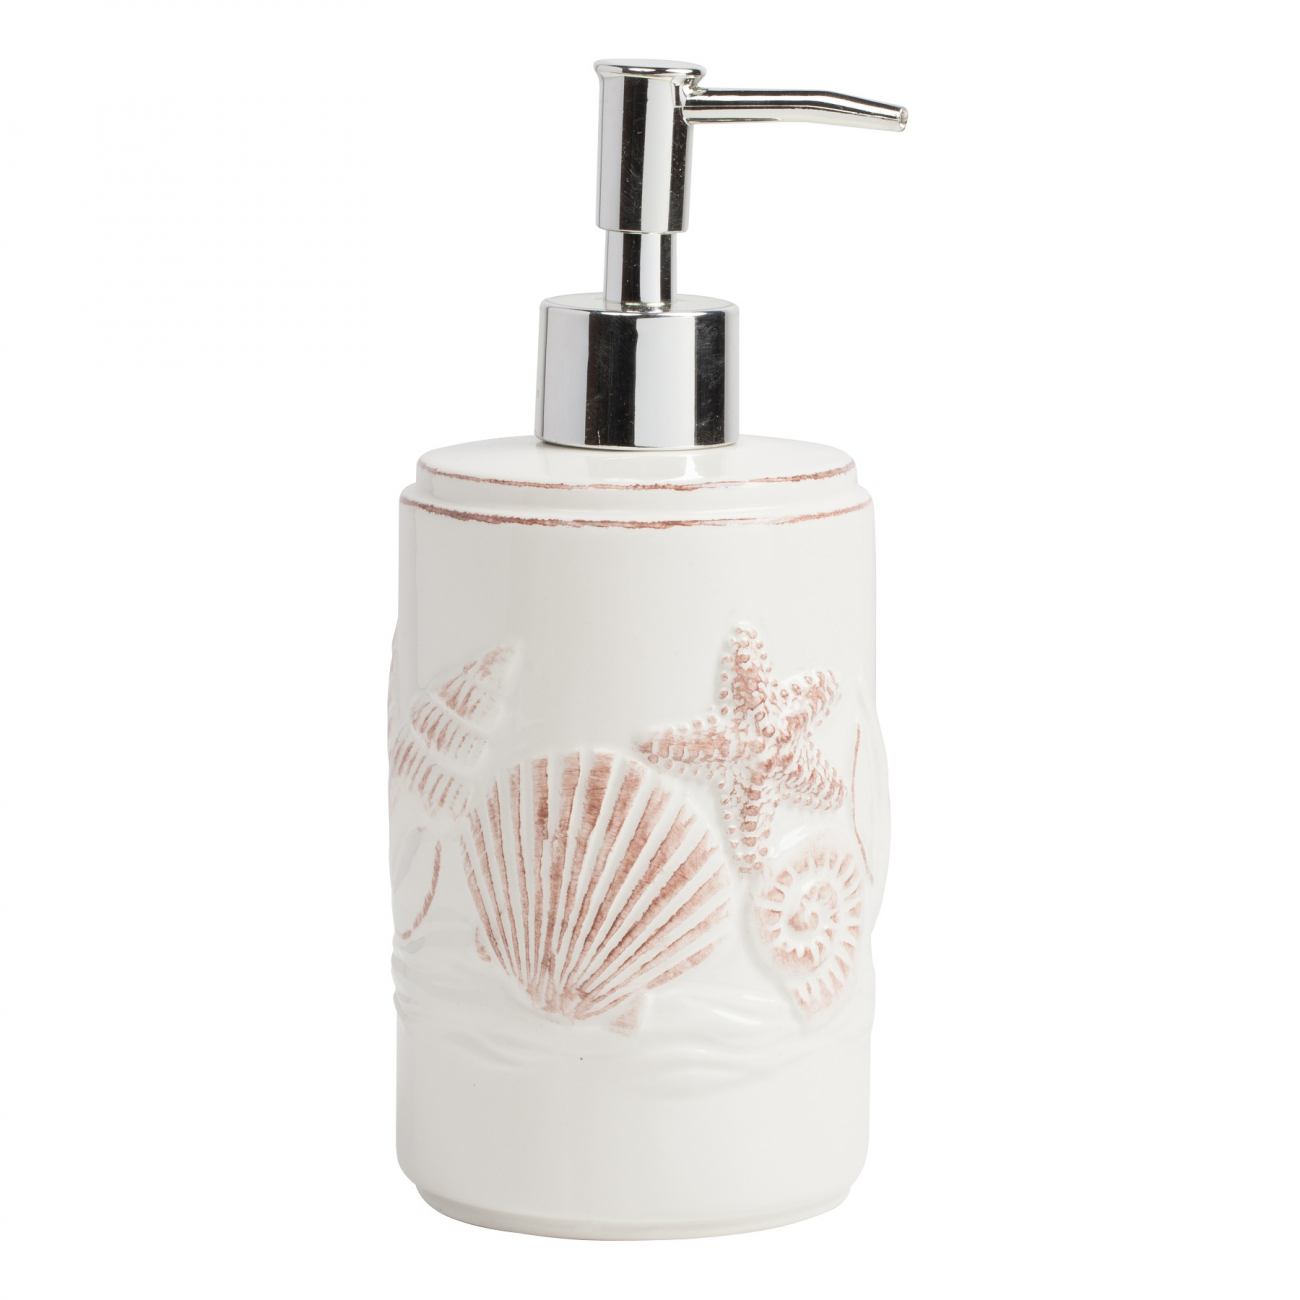 Купить Дозатор для жидкого мыла Seaside в интернет магазине дизайнерской мебели и аксессуаров для дома и дачи